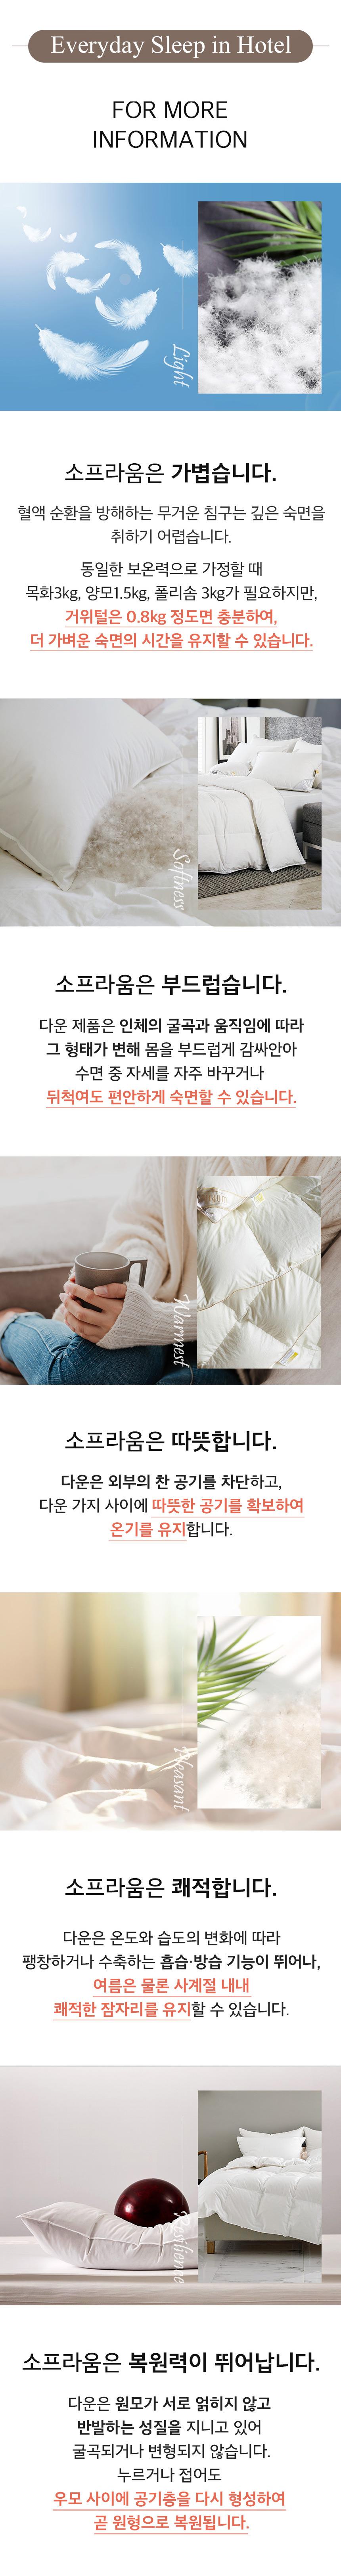 main_05.jpg